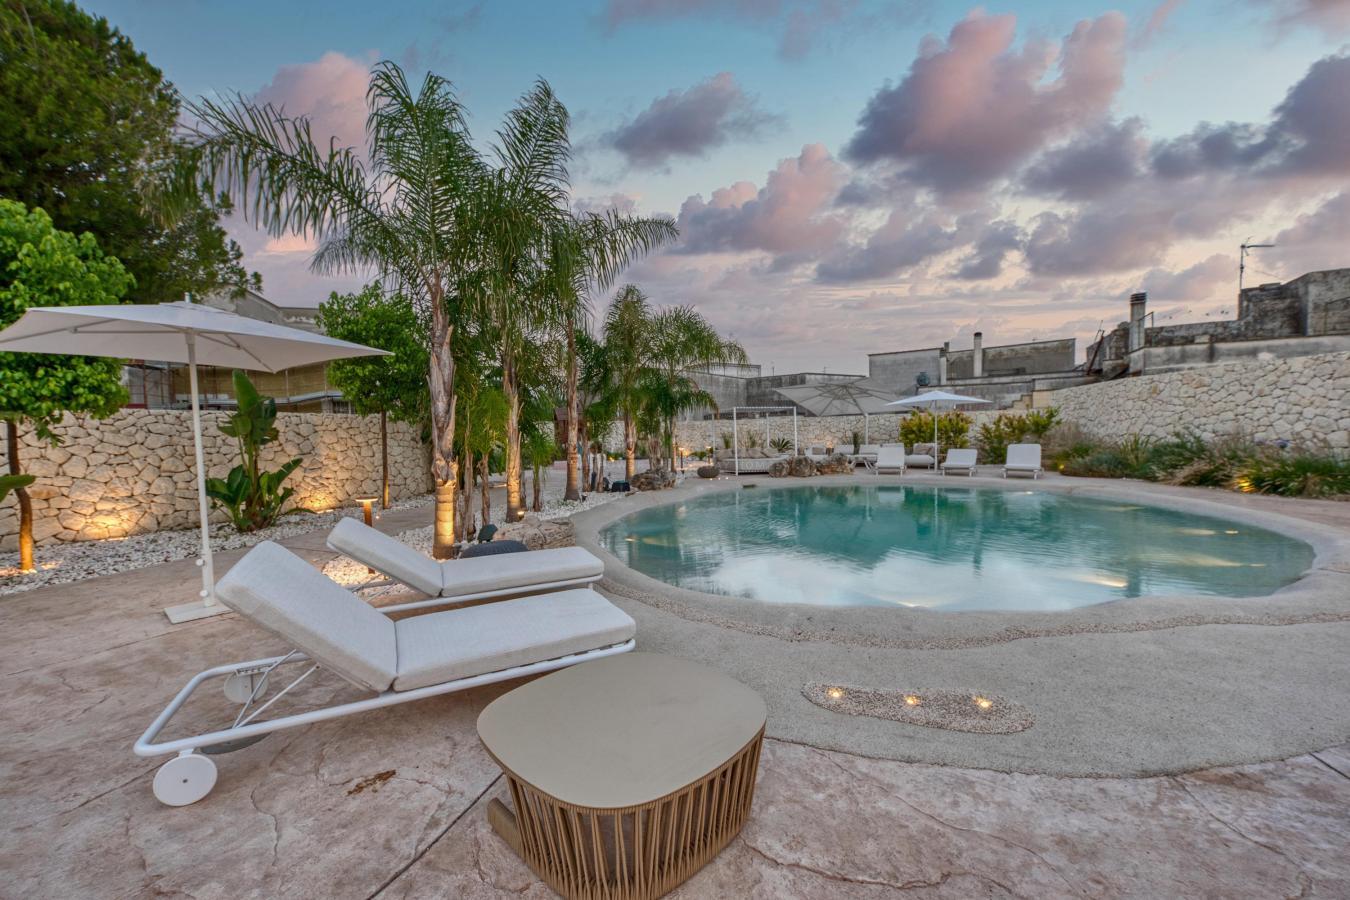 Villa con piscina a castrignano dei greci vicino otranto - Villa dei sogni piscina ...